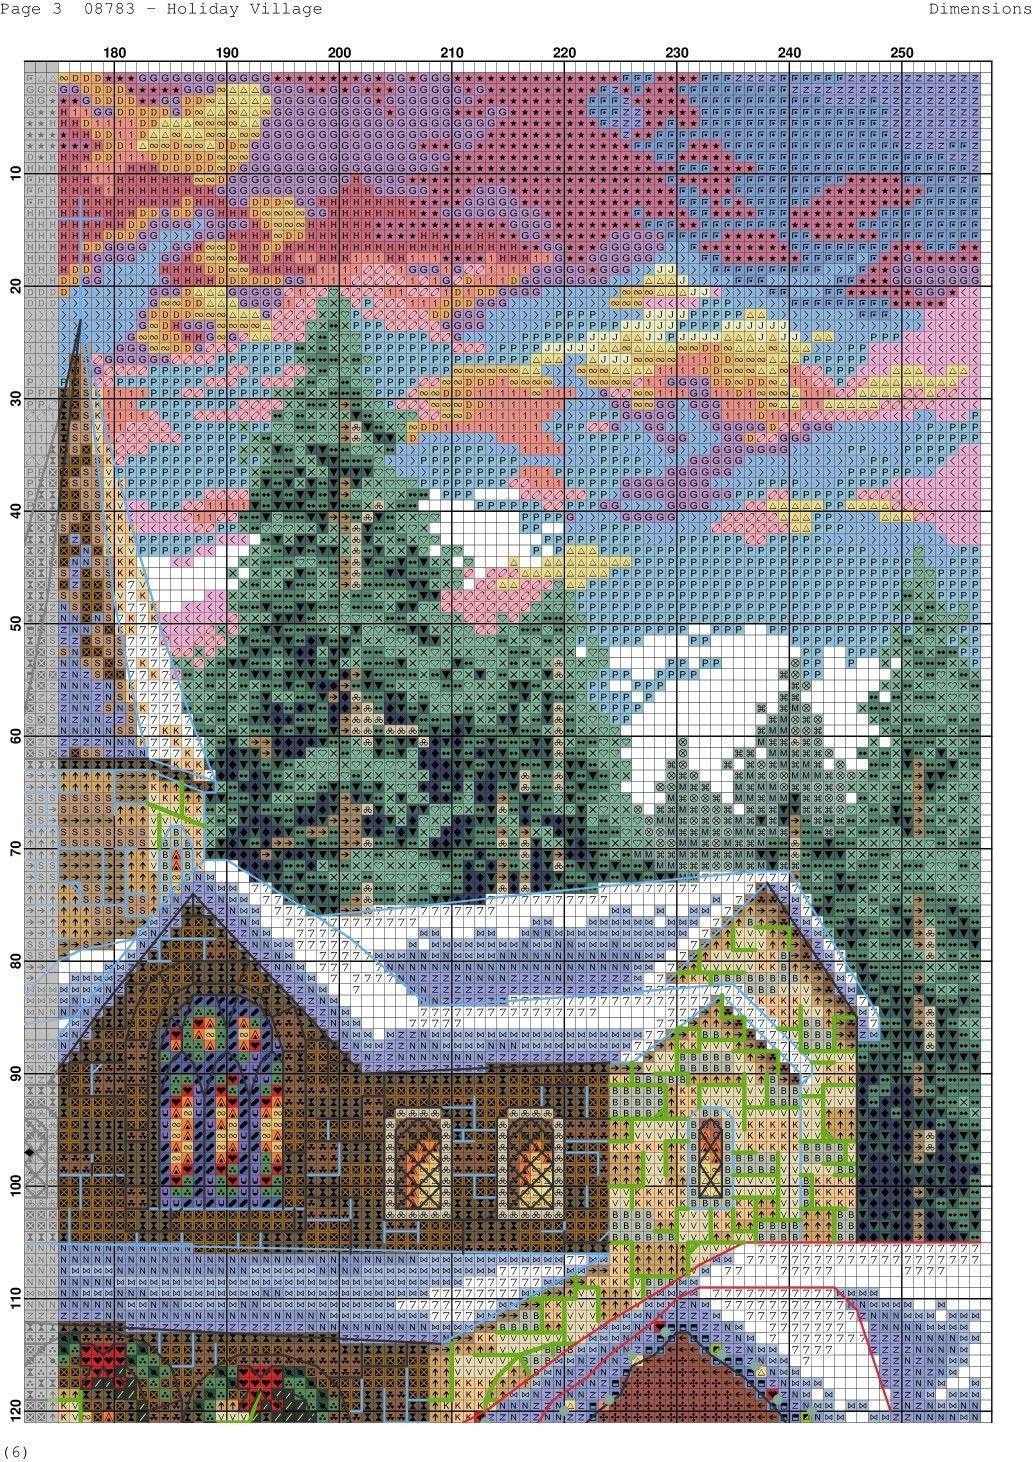 Holiday village 3 cross stitch landscape cross stitch